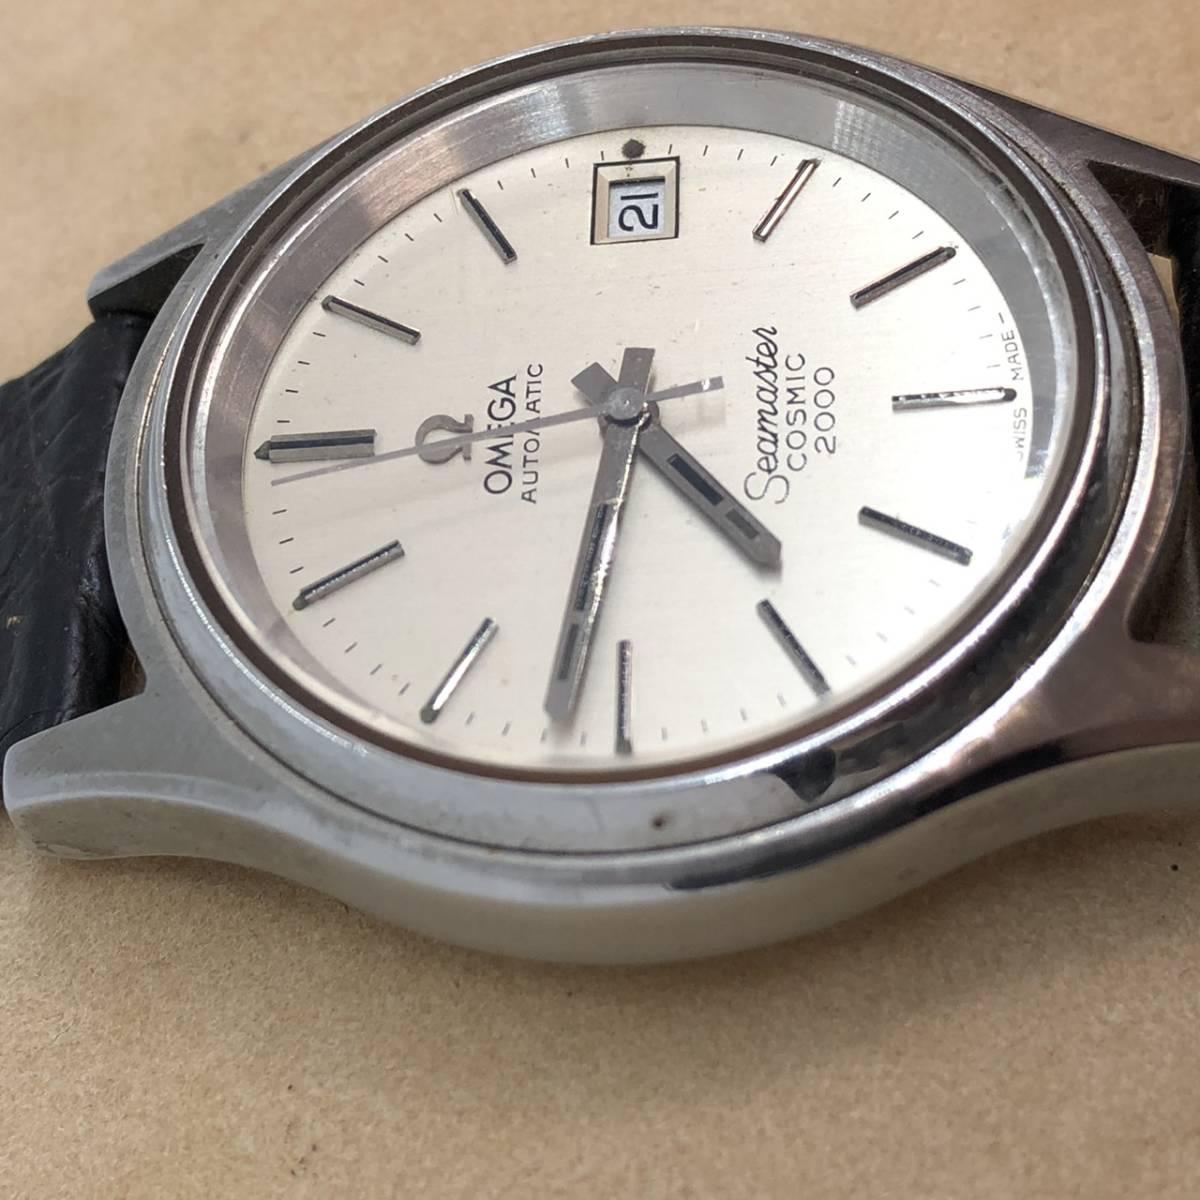 オメガ シーマスター コスミック 2000 OMEGA Sea Master COSMIC 2000 自動巻 デイト 腕時計_画像4